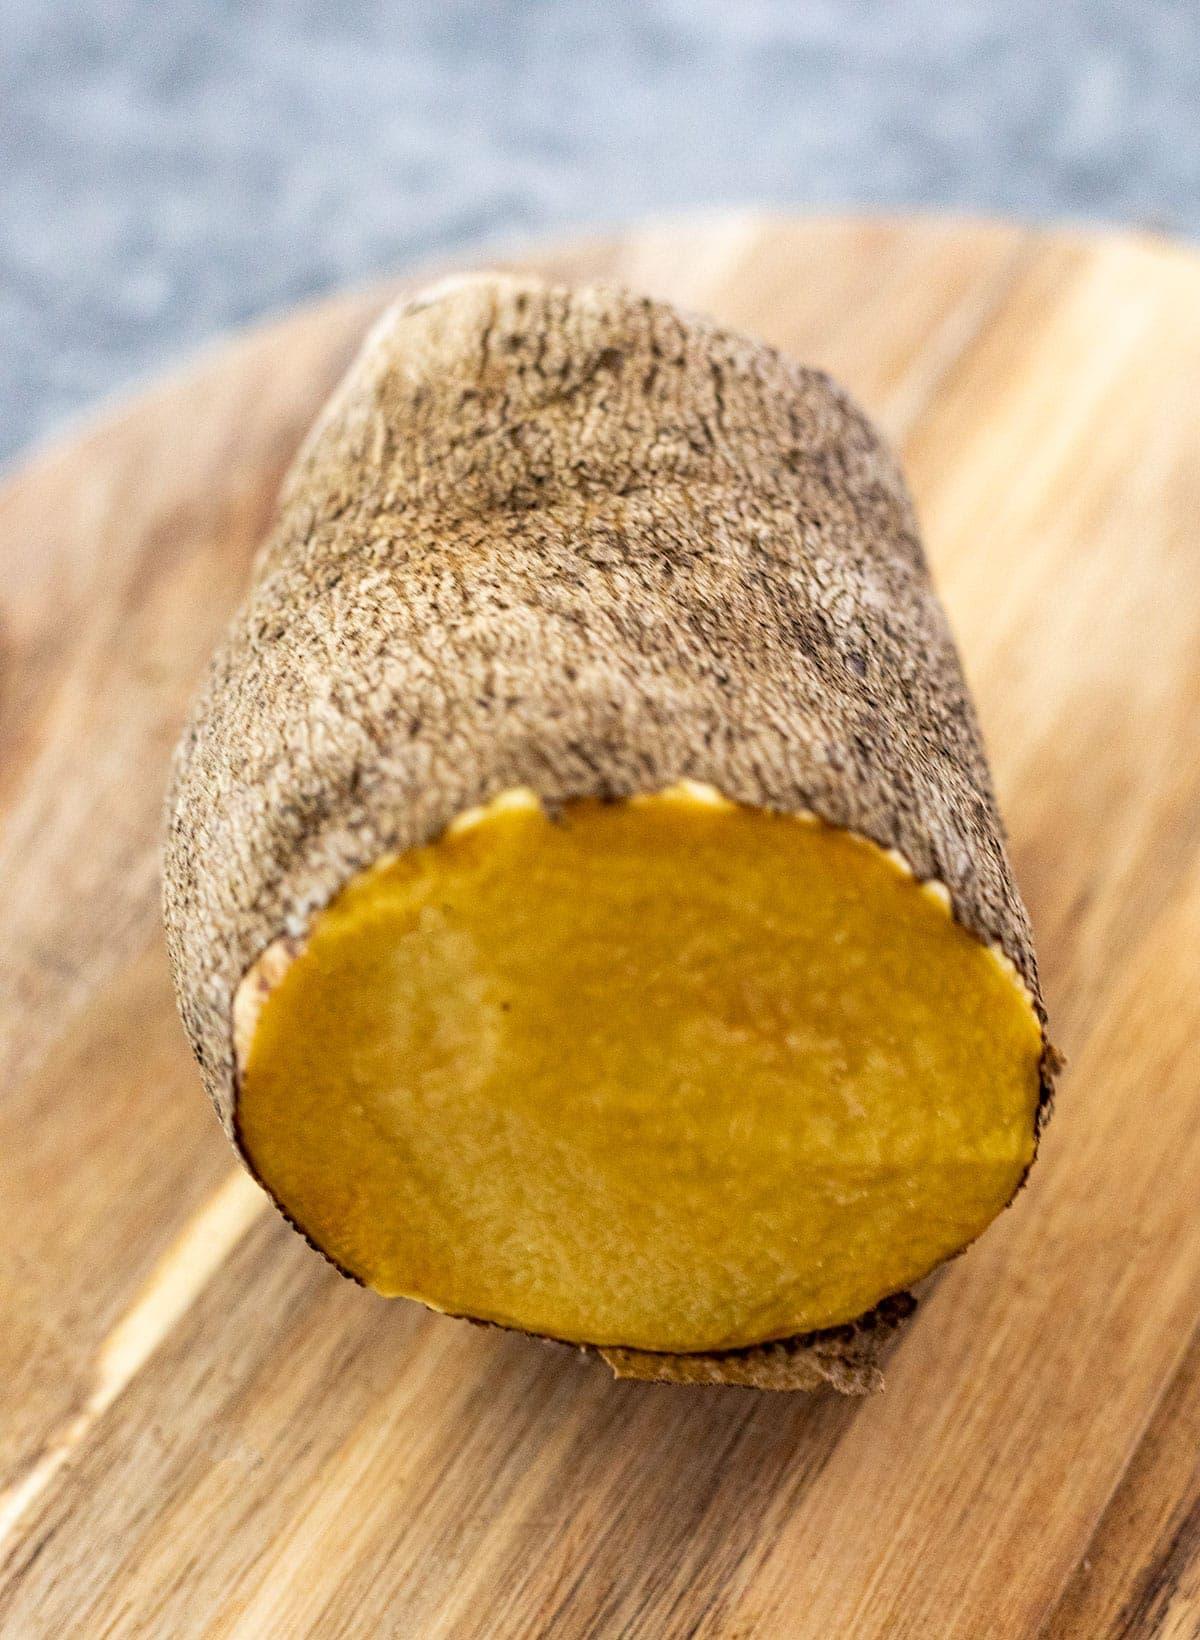 yellow yam whole on cutting board